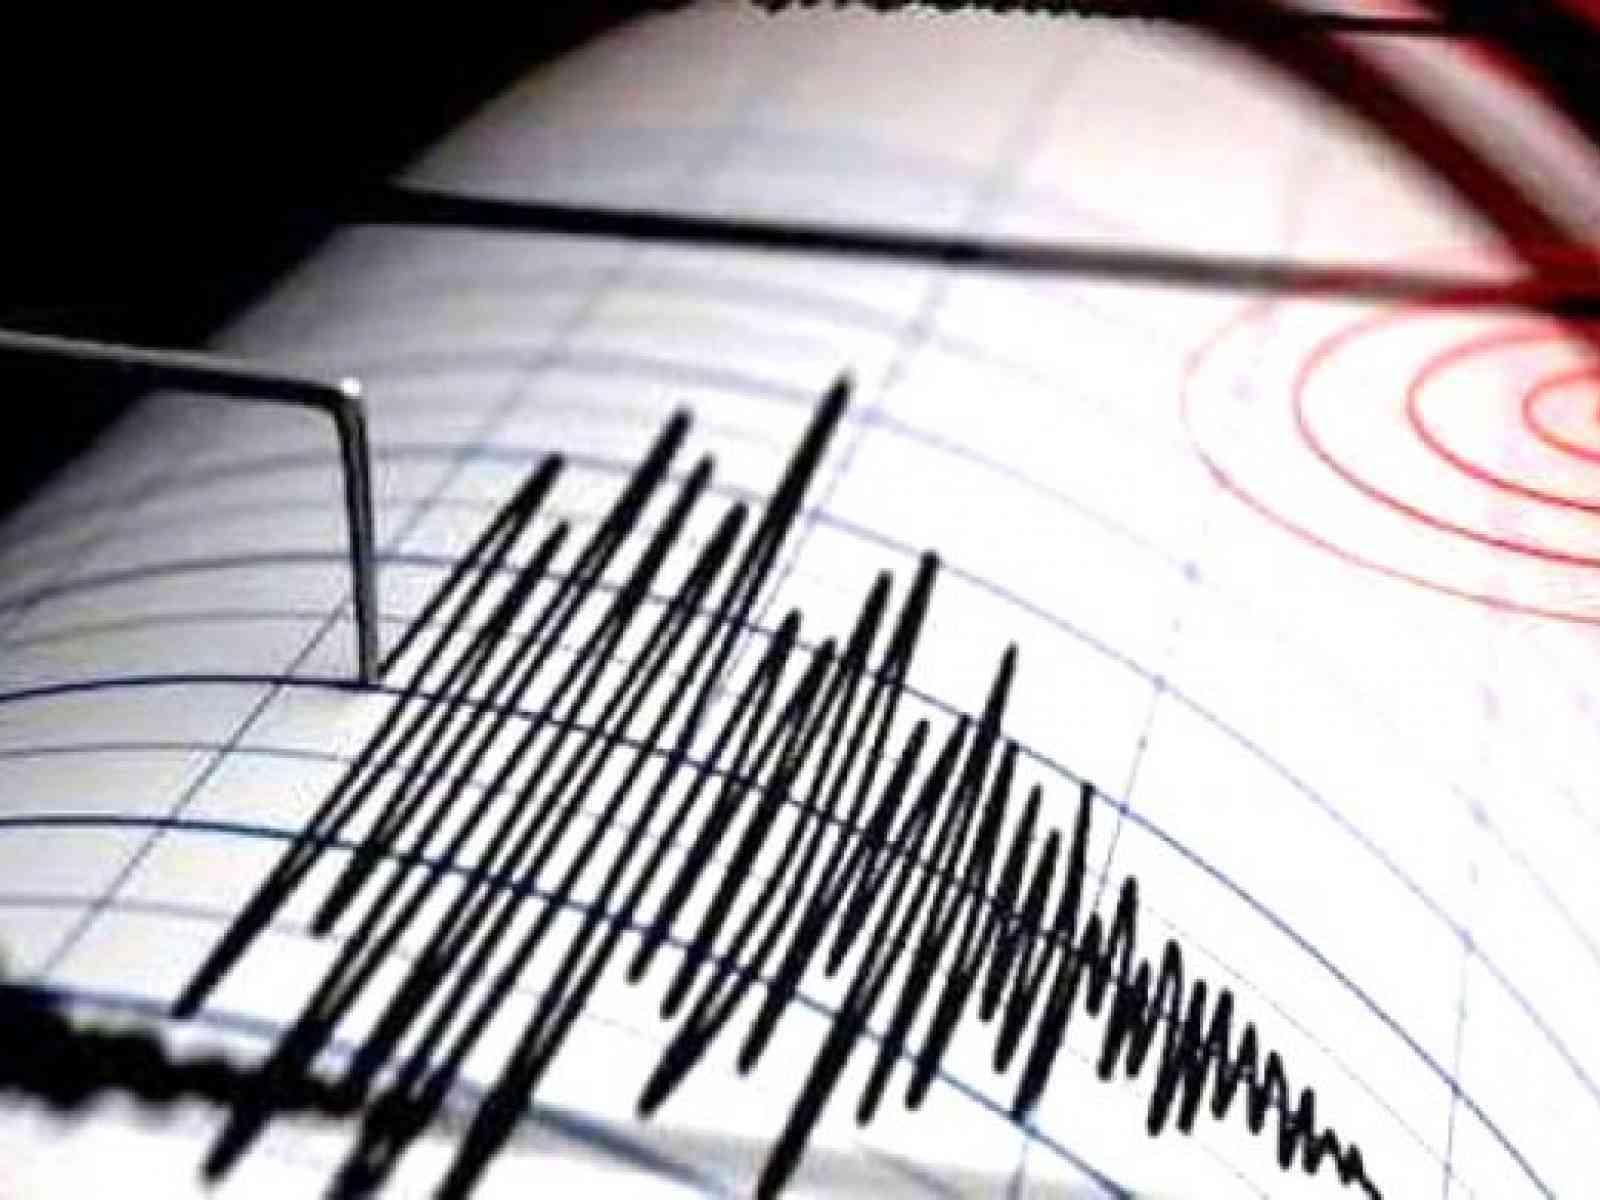 Immagine articolo: Scossa di terremoto a Salaparuta. Avvertito anche a Santa Margherita